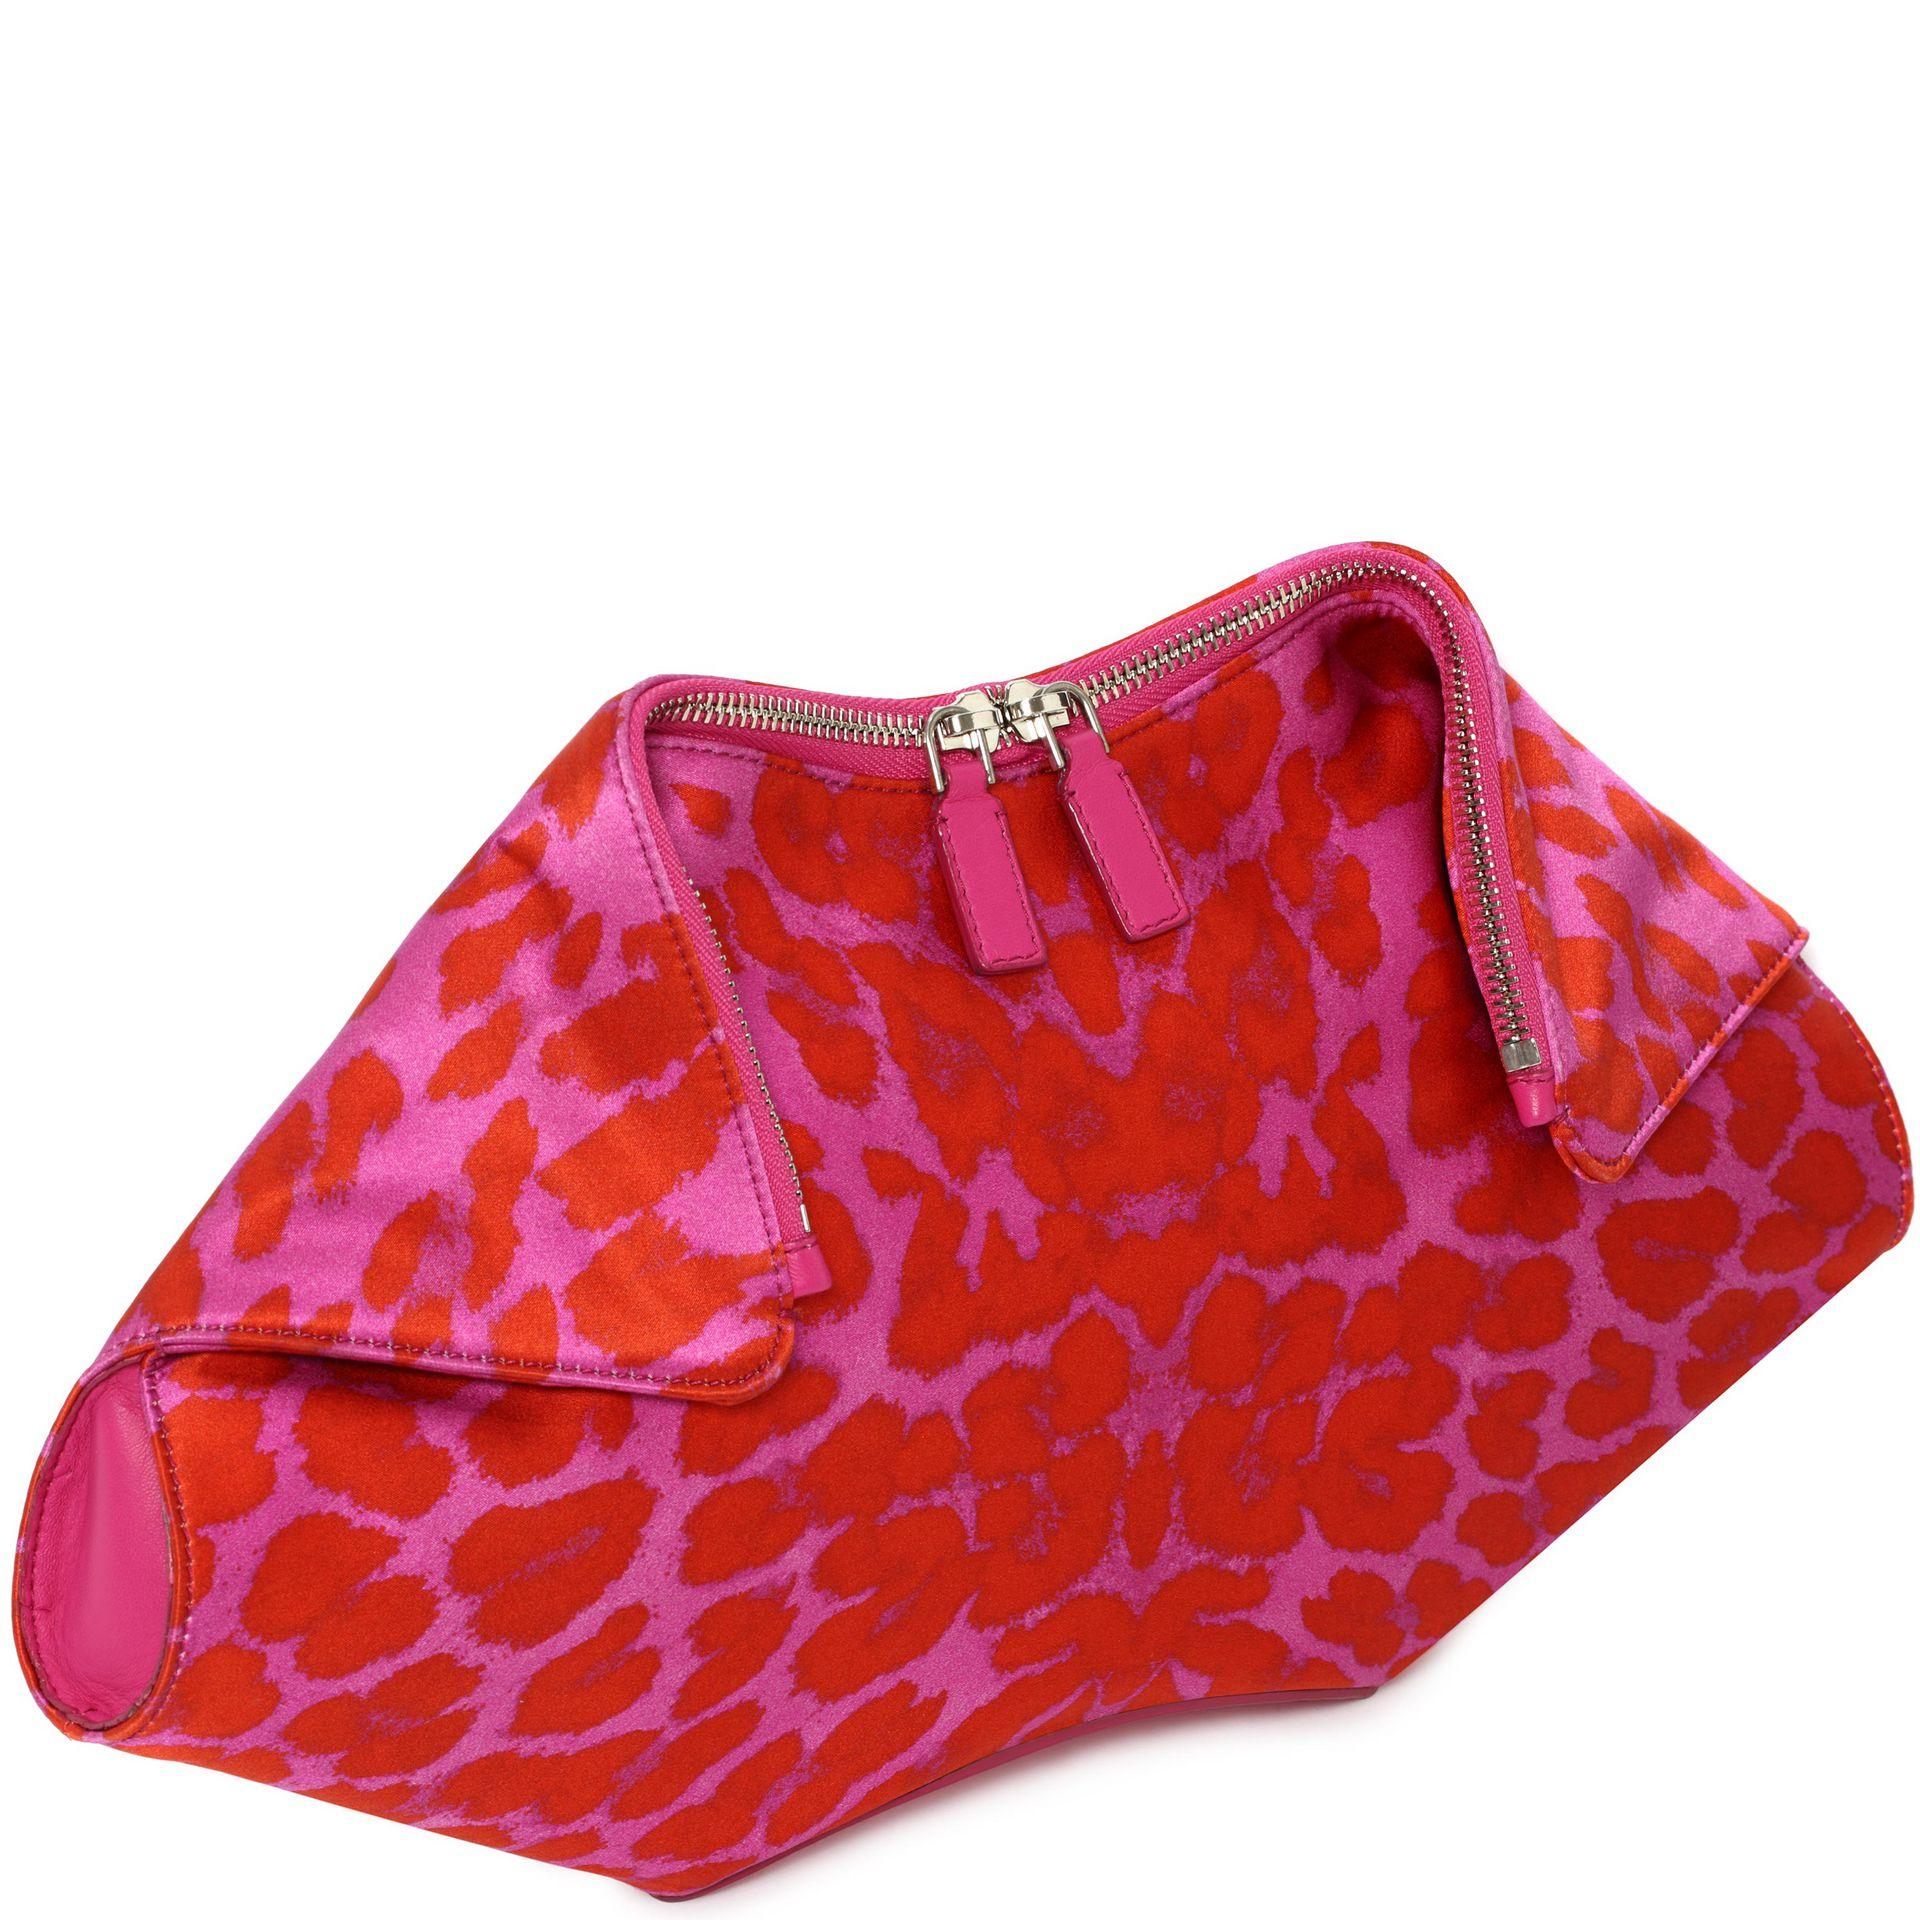 d4d84214da62 Alexander McQueen Leopard Print De Manta Clutch in Pink - Lyst